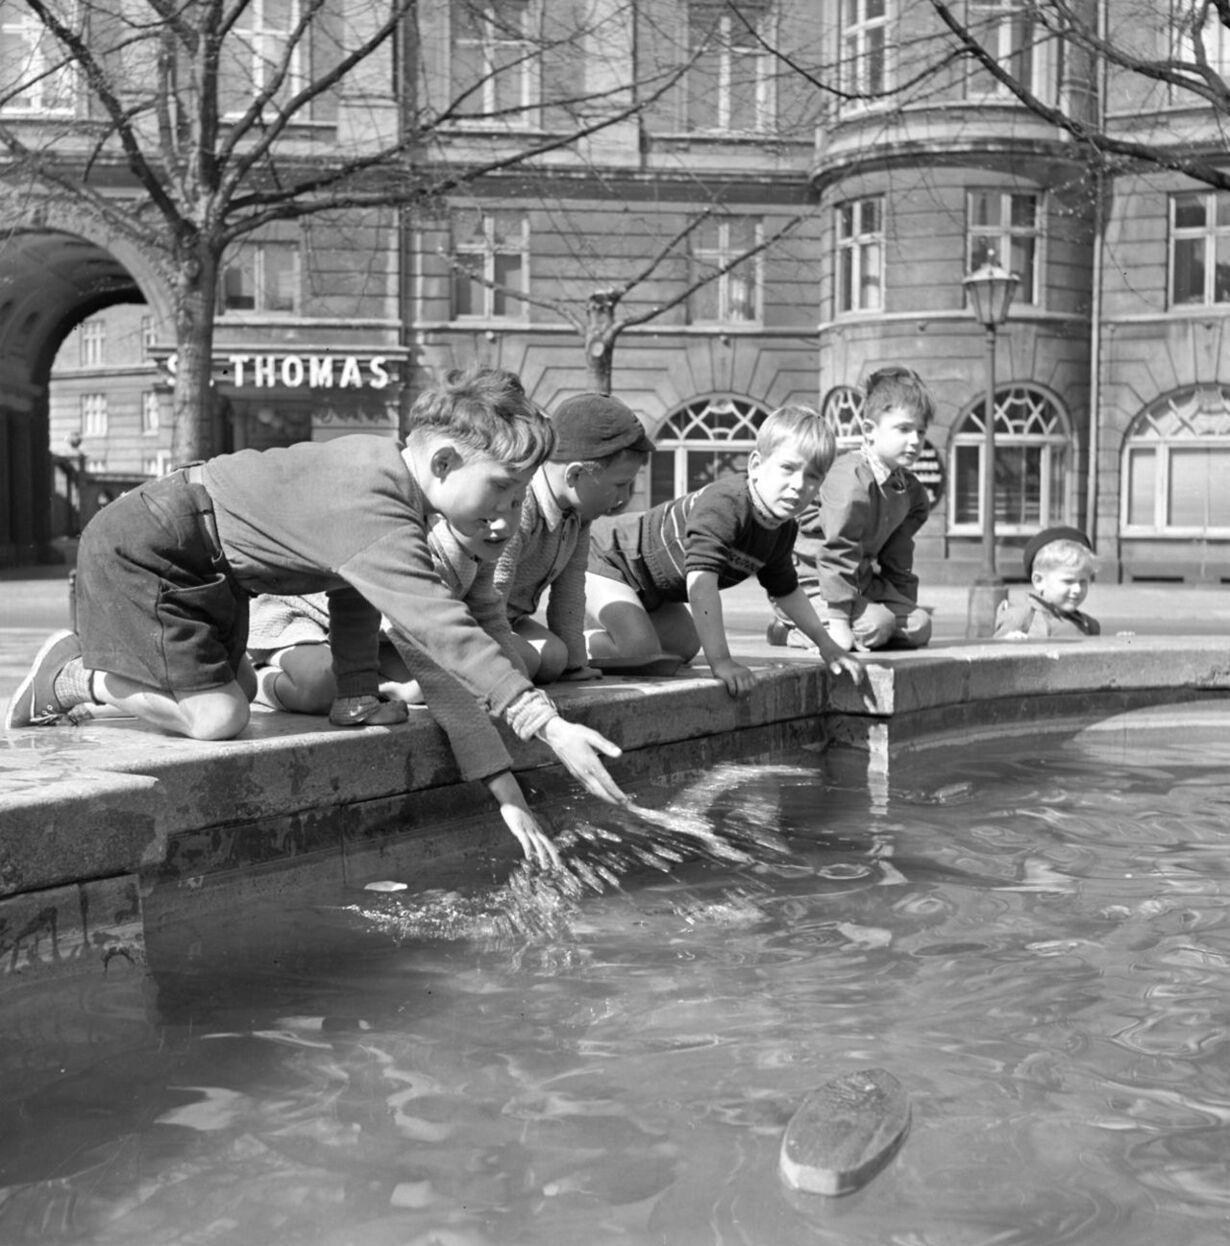 1953 aluhist jkg